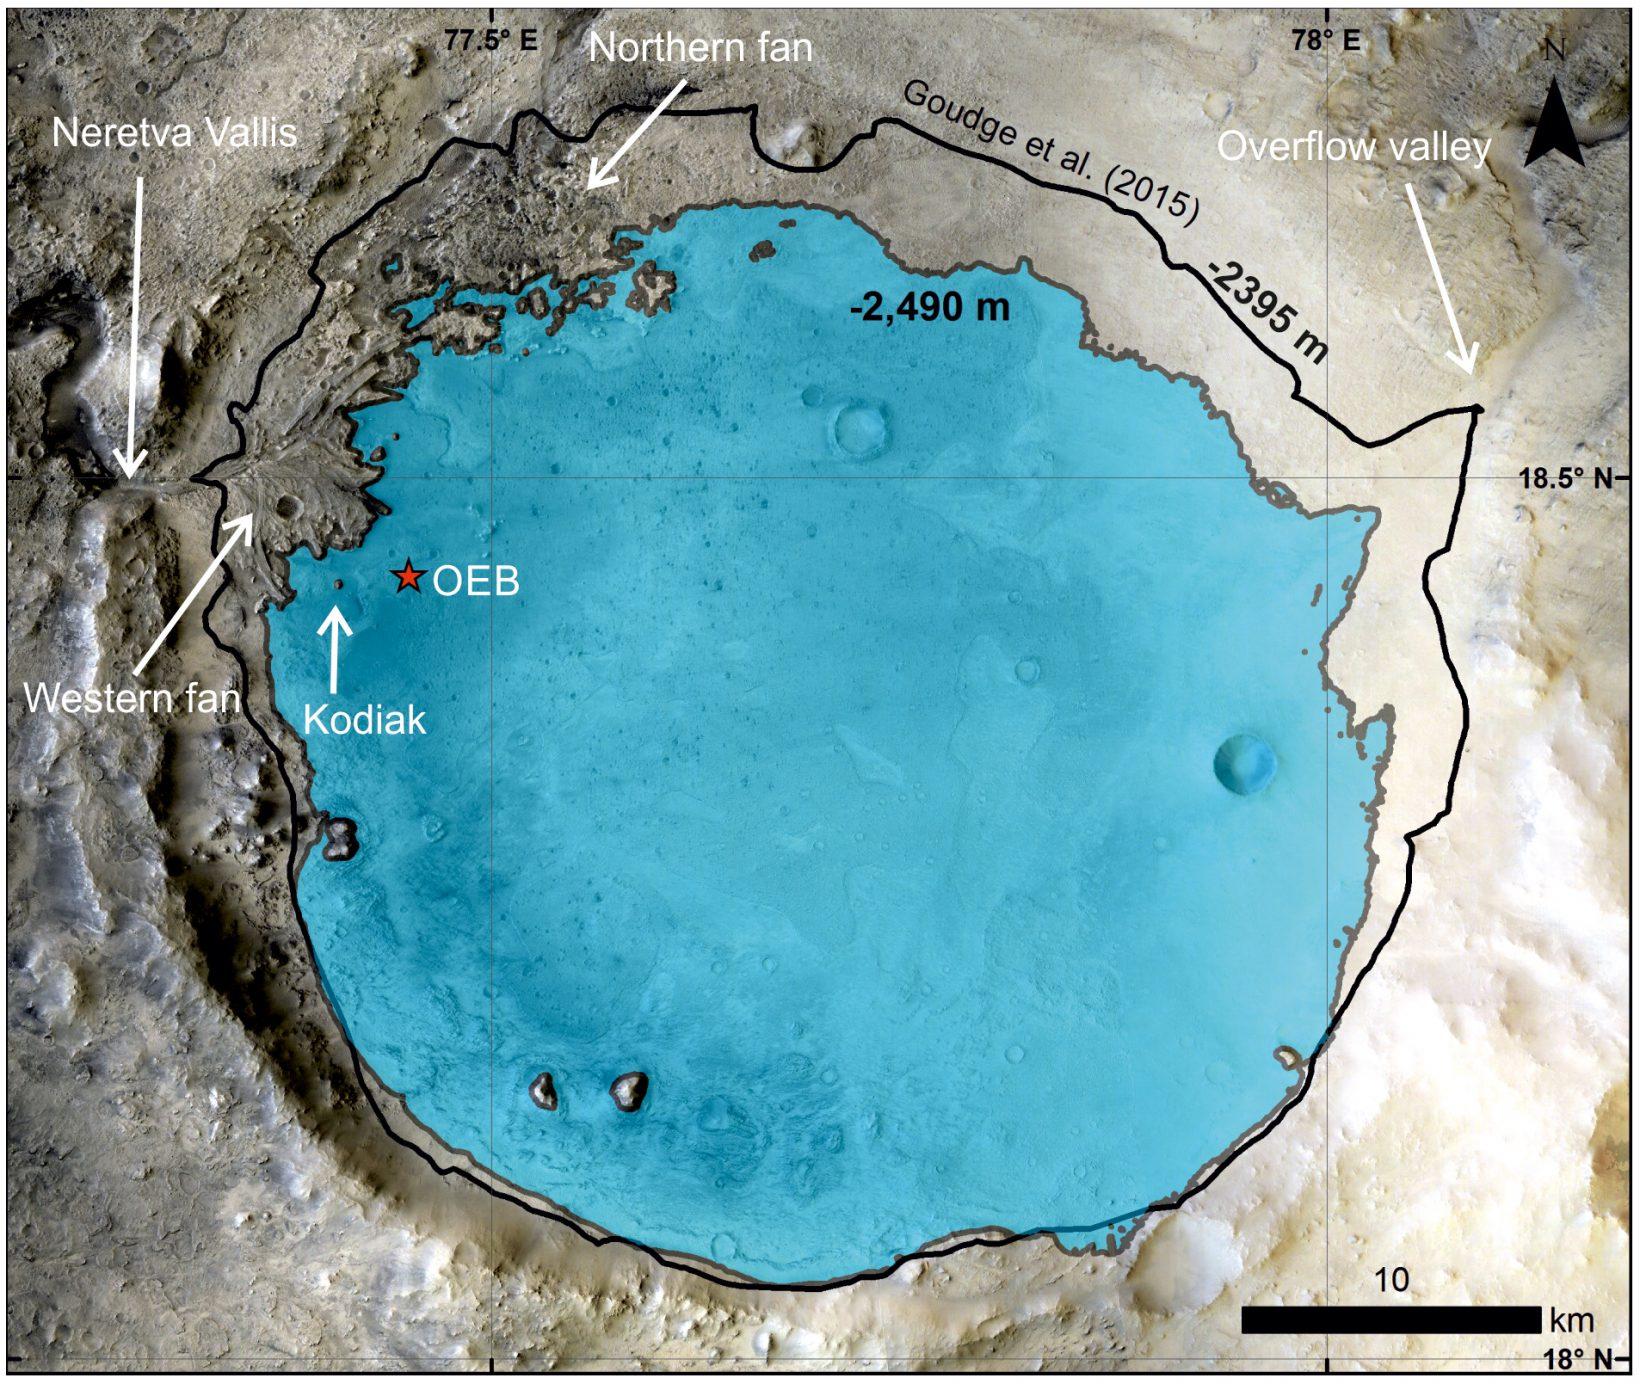 Jezero inferred lake level